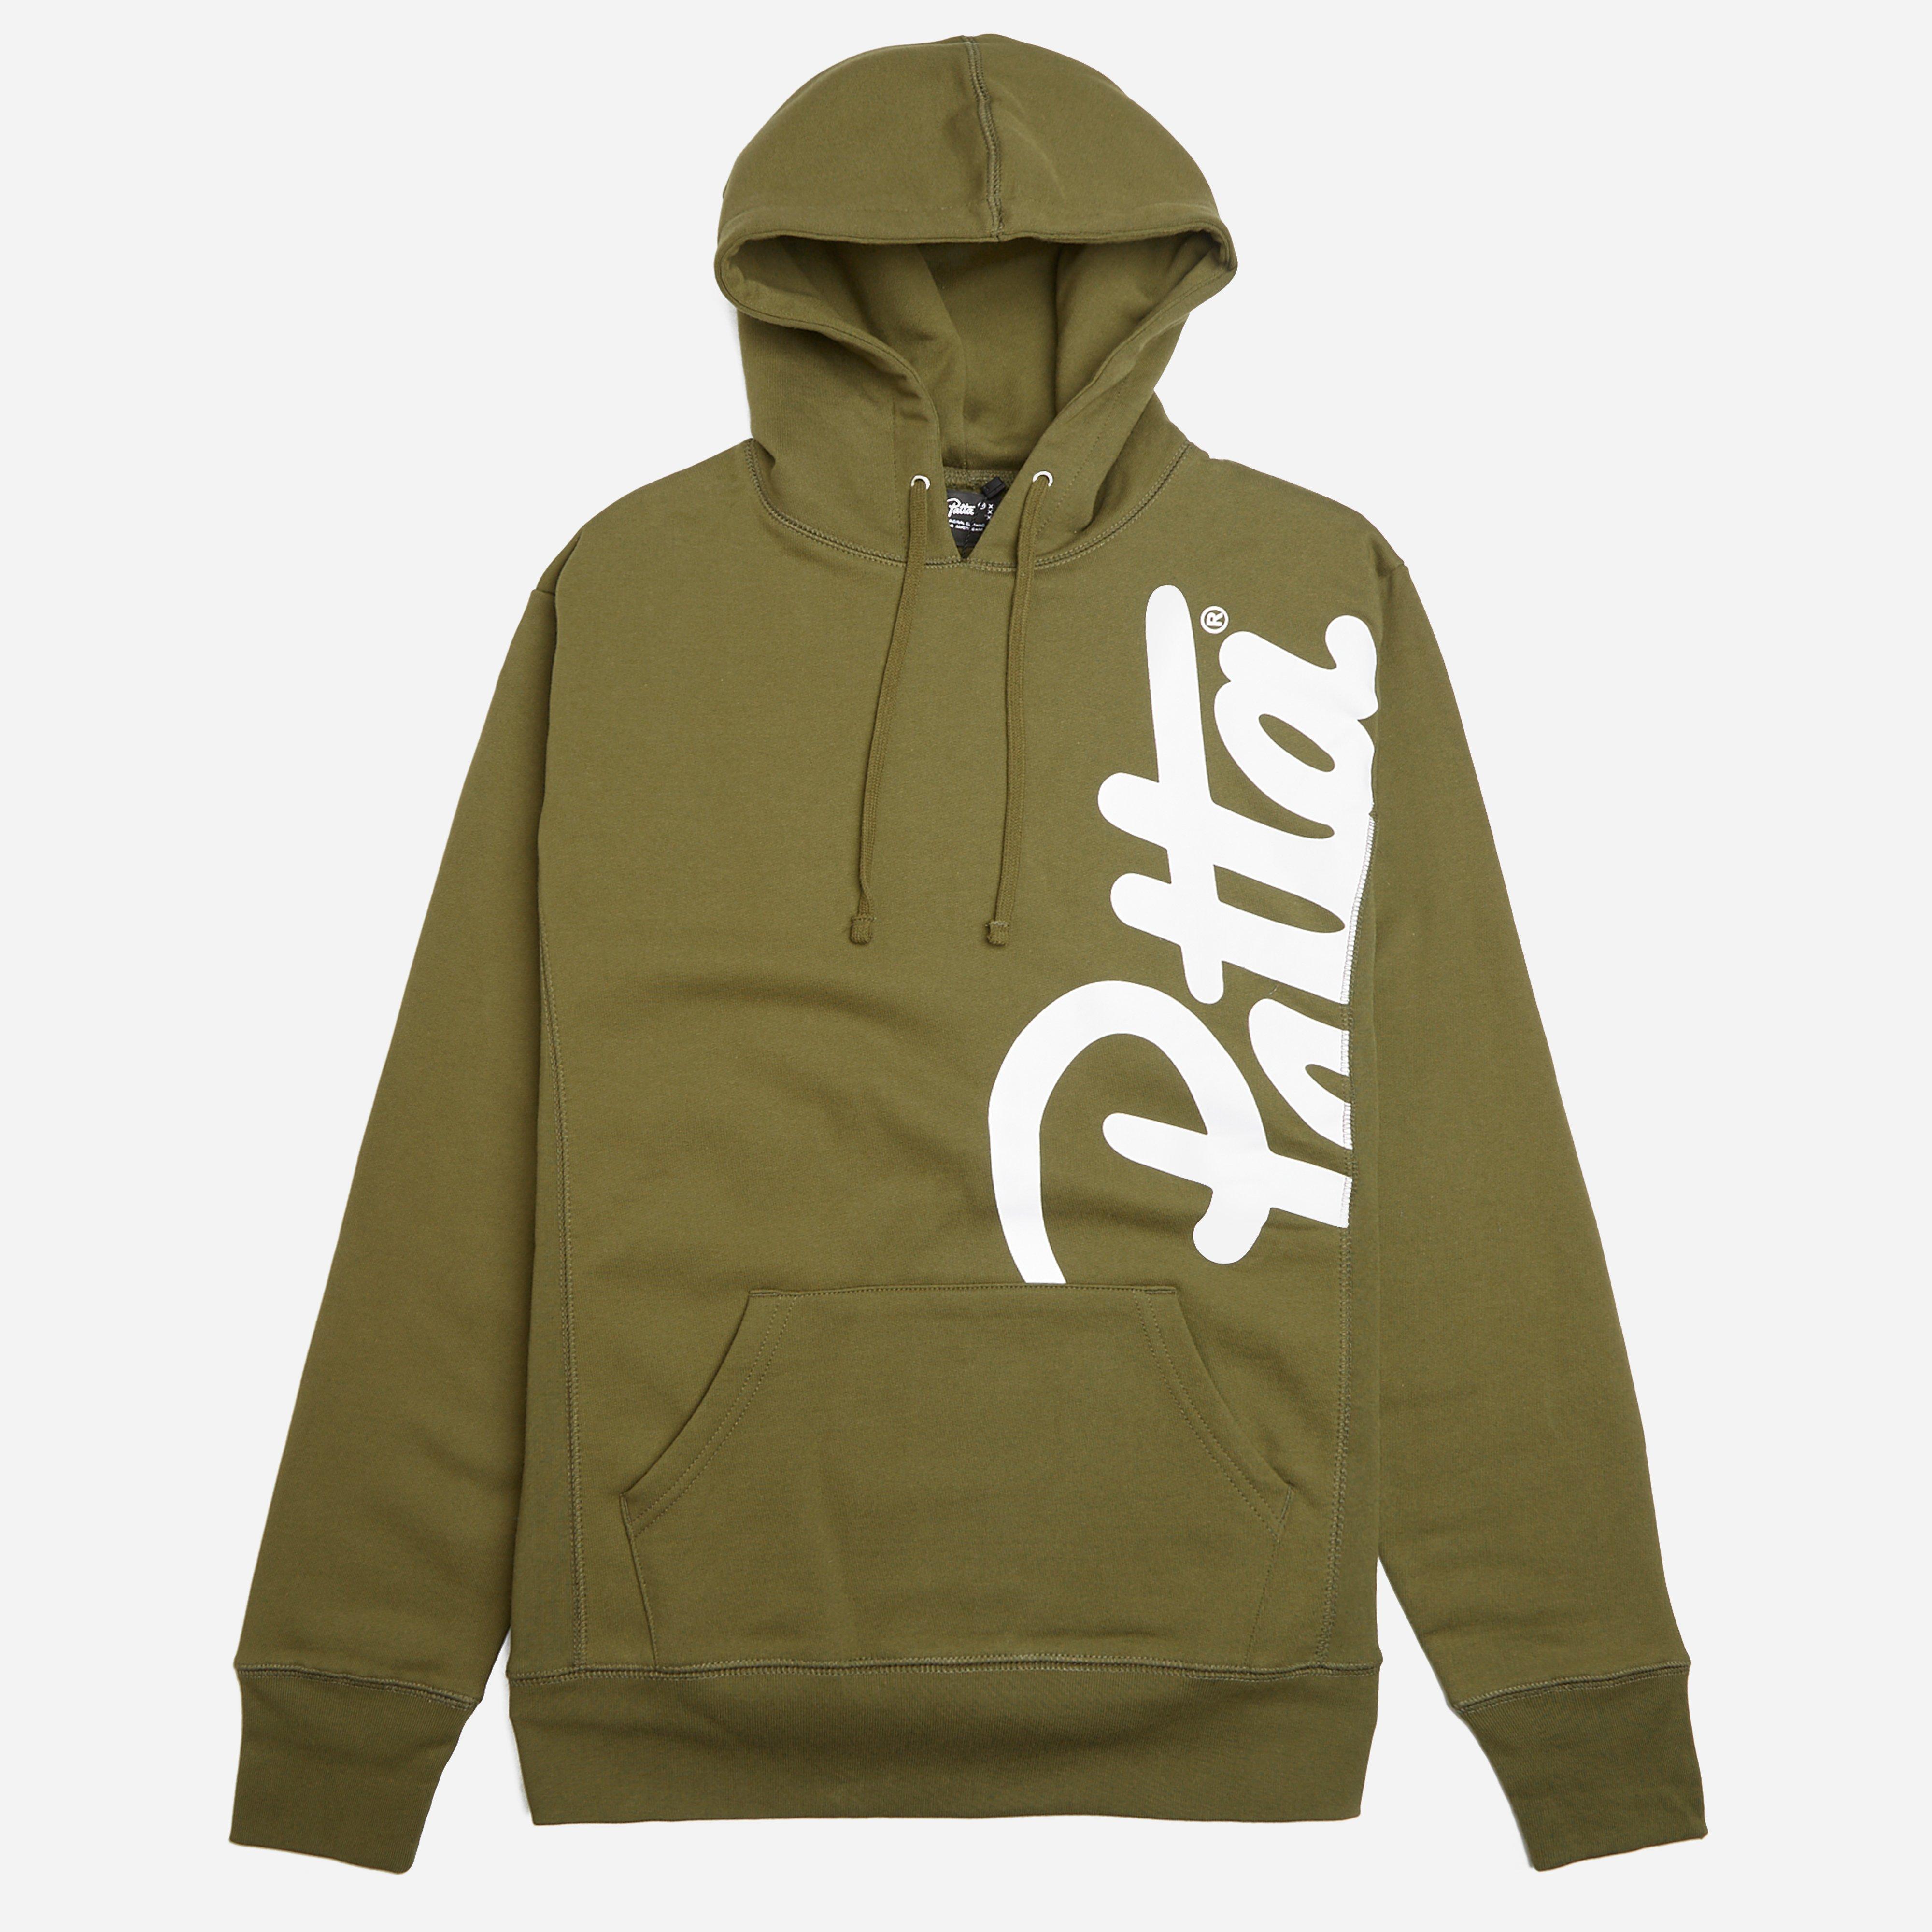 Patta Side Script Hooded Sweatshirt